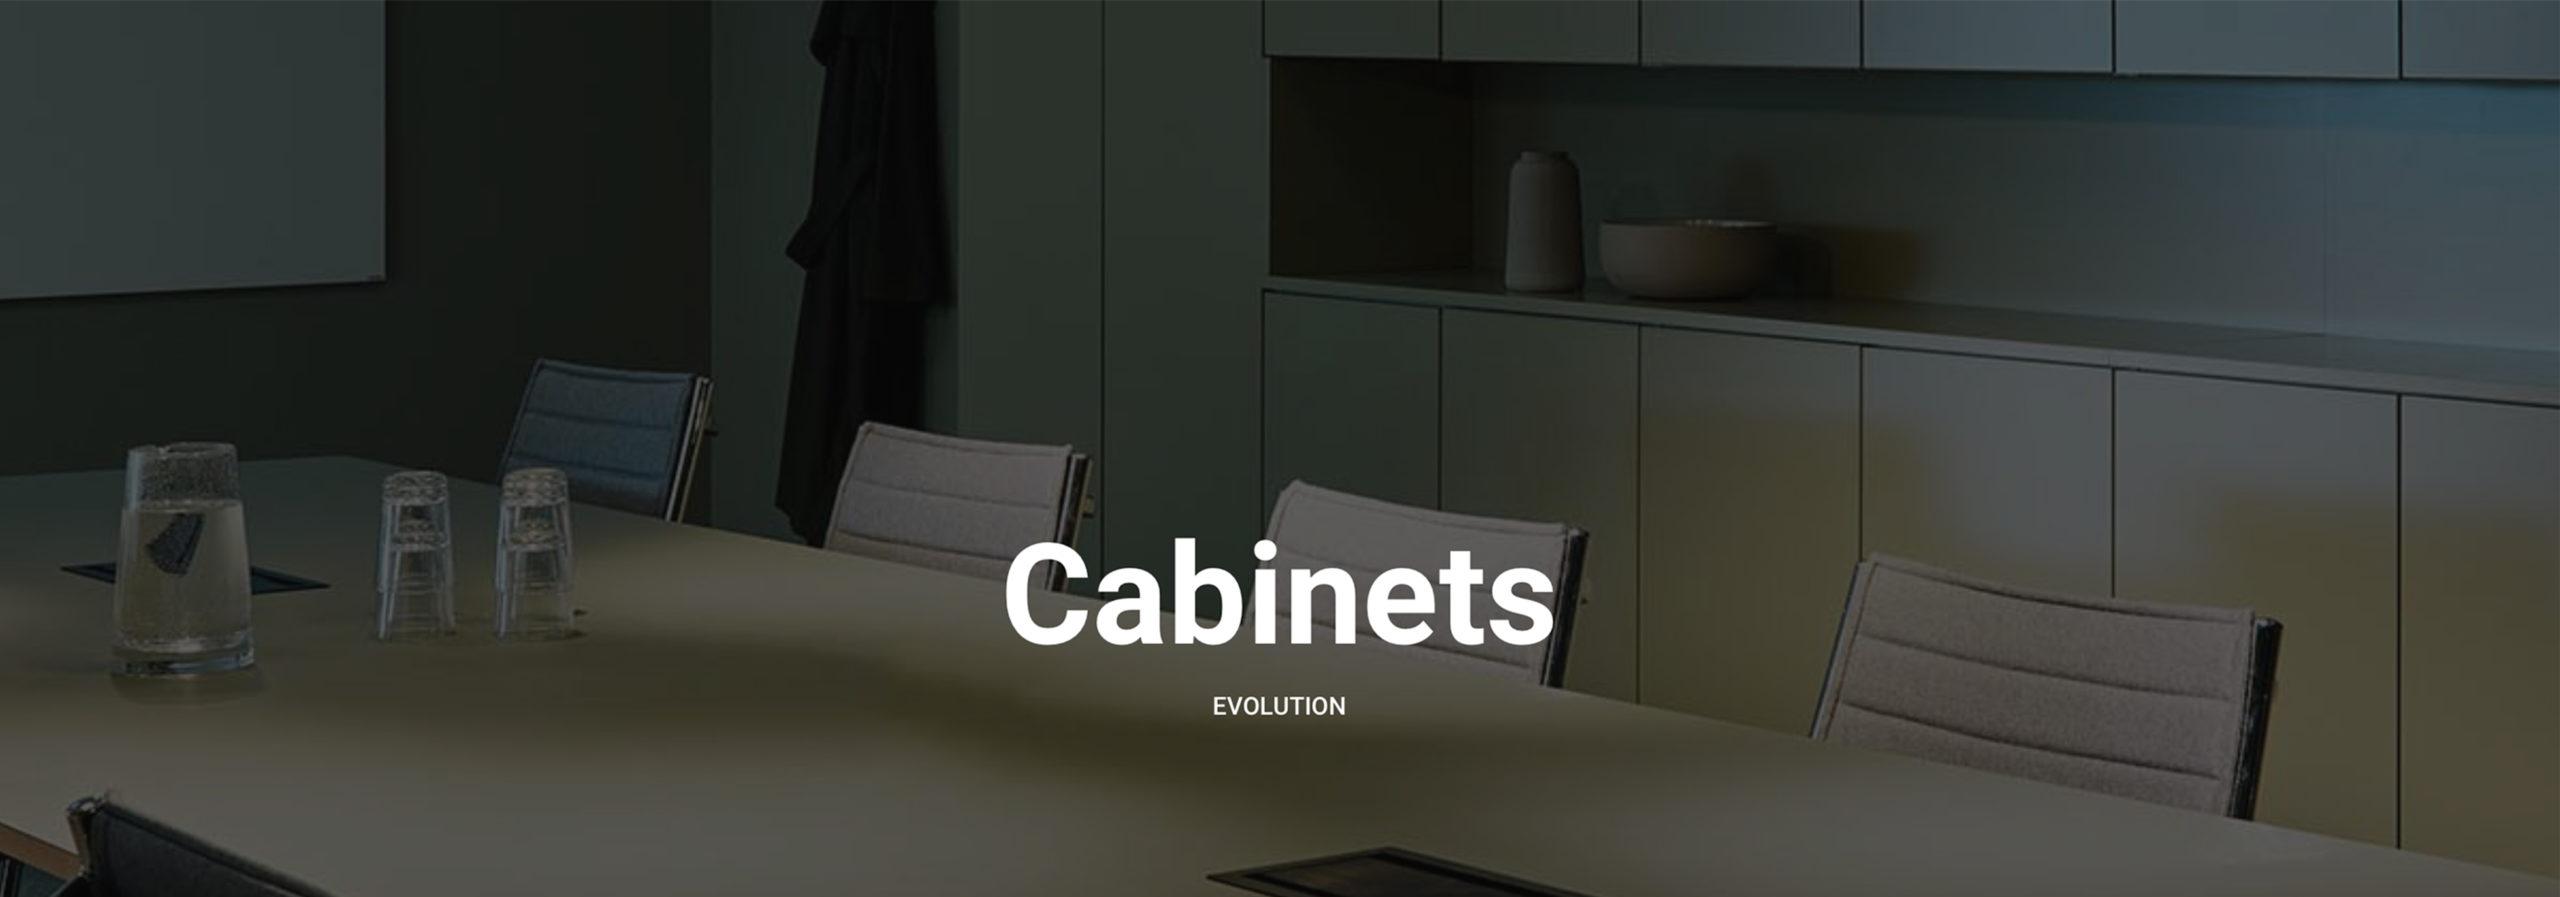 CABINET_SLIDE_05